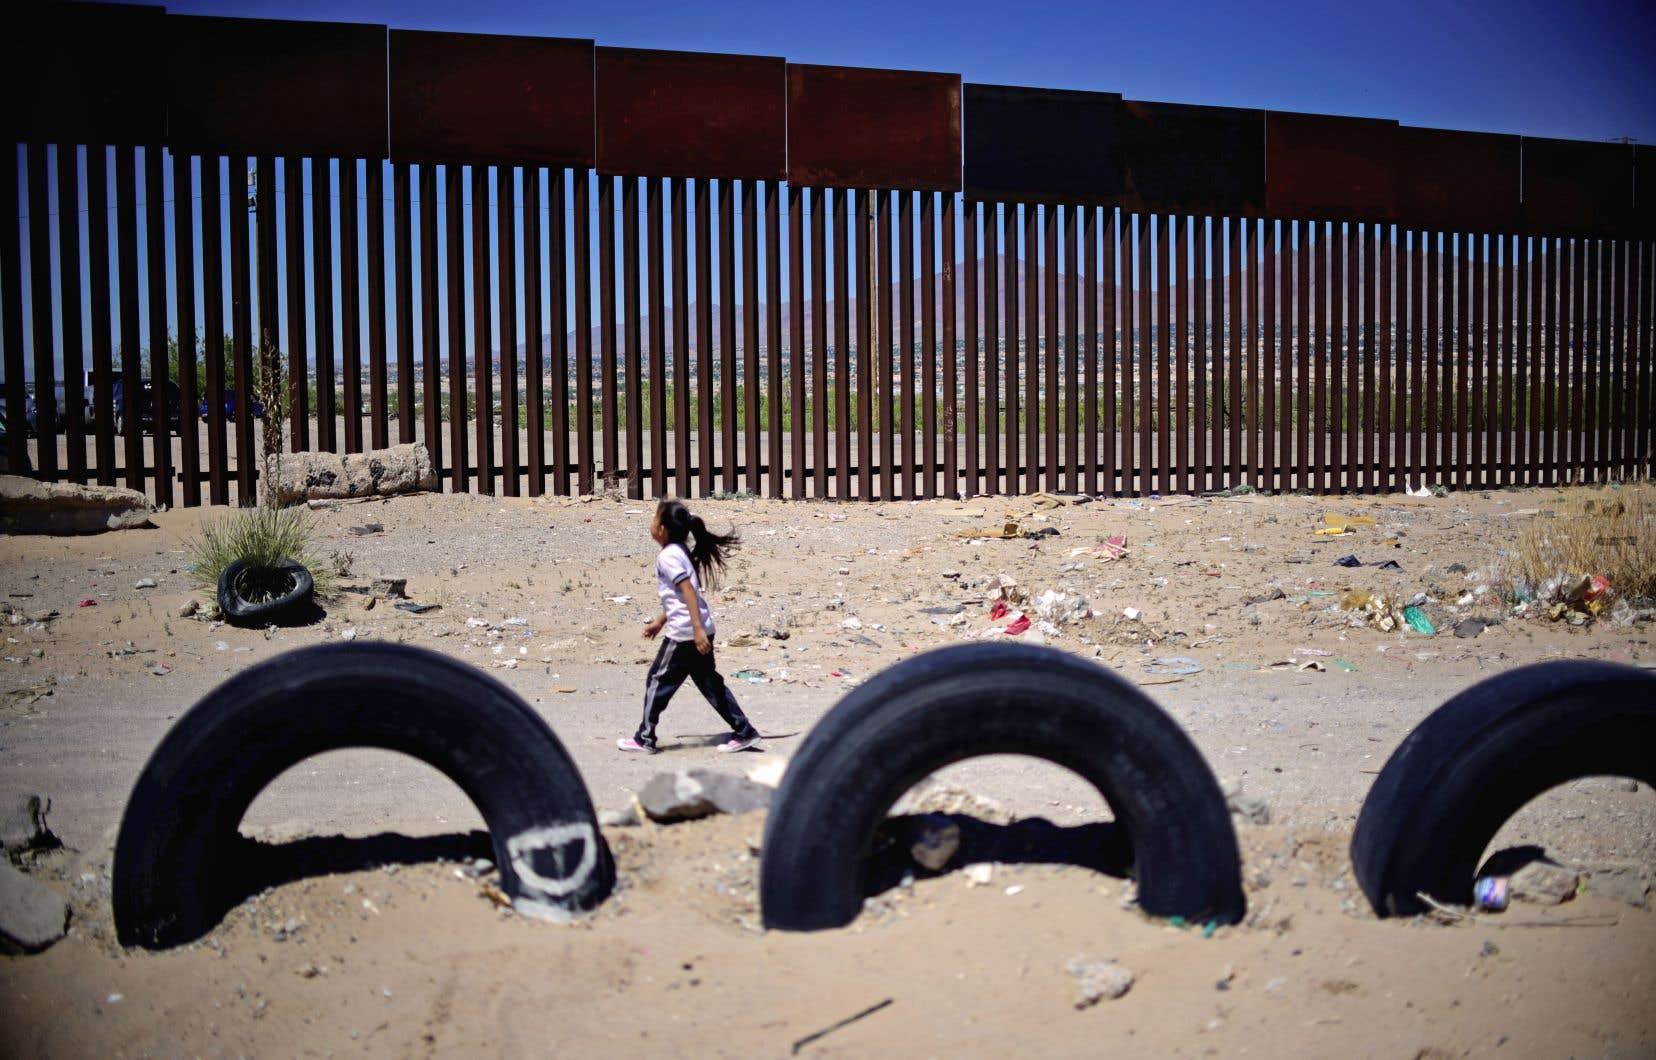 Une jeune fille longe la clôture métallique entre Ciudad Juárez, au Mexique, et Sunland Park (Nouveau-Mexique), aux États-Unis.